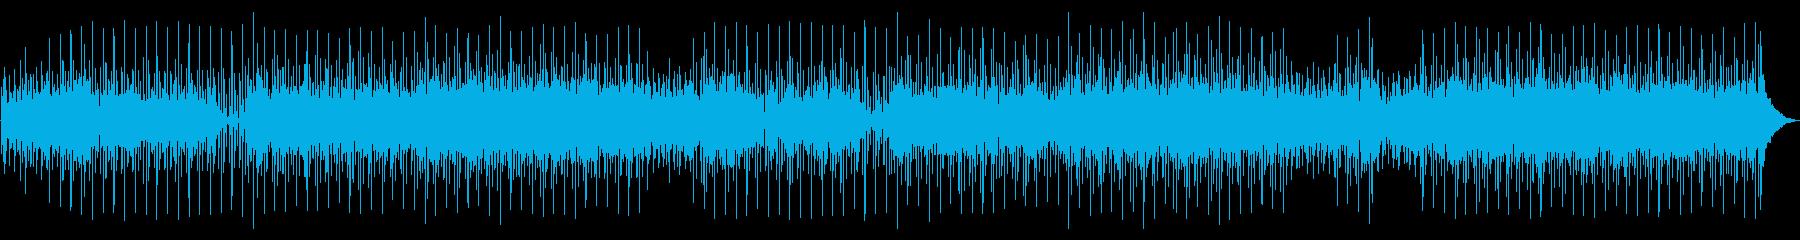 ハーモニカのバラード。懐かしい。悲しい。の再生済みの波形